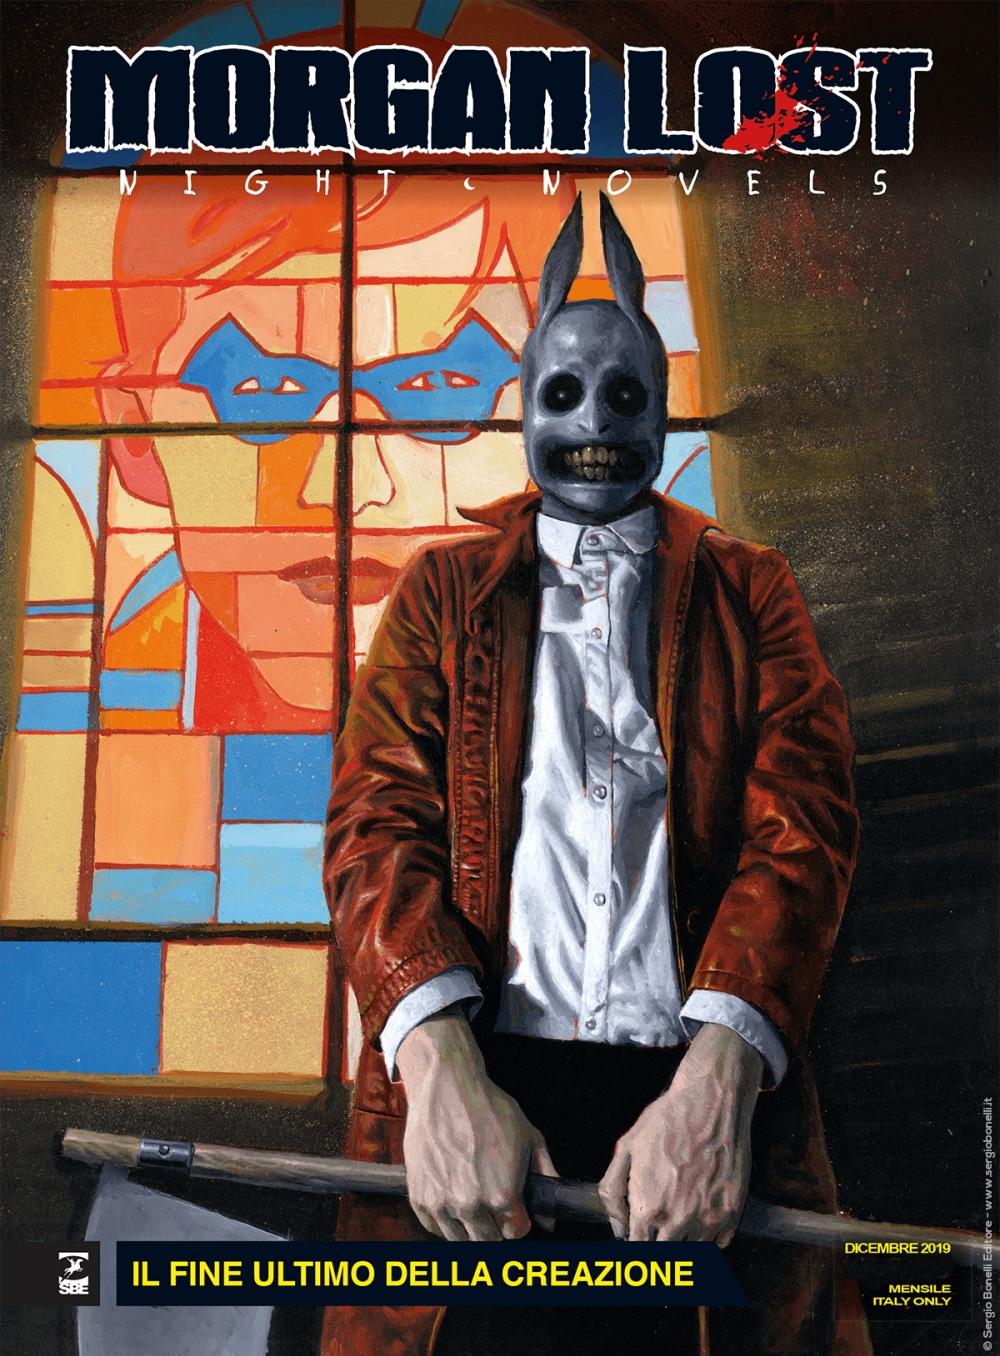 Morgan Lost - Night Novels 1: Il fine ultimo della creazione, copertina di Fabrizio De Tommaso